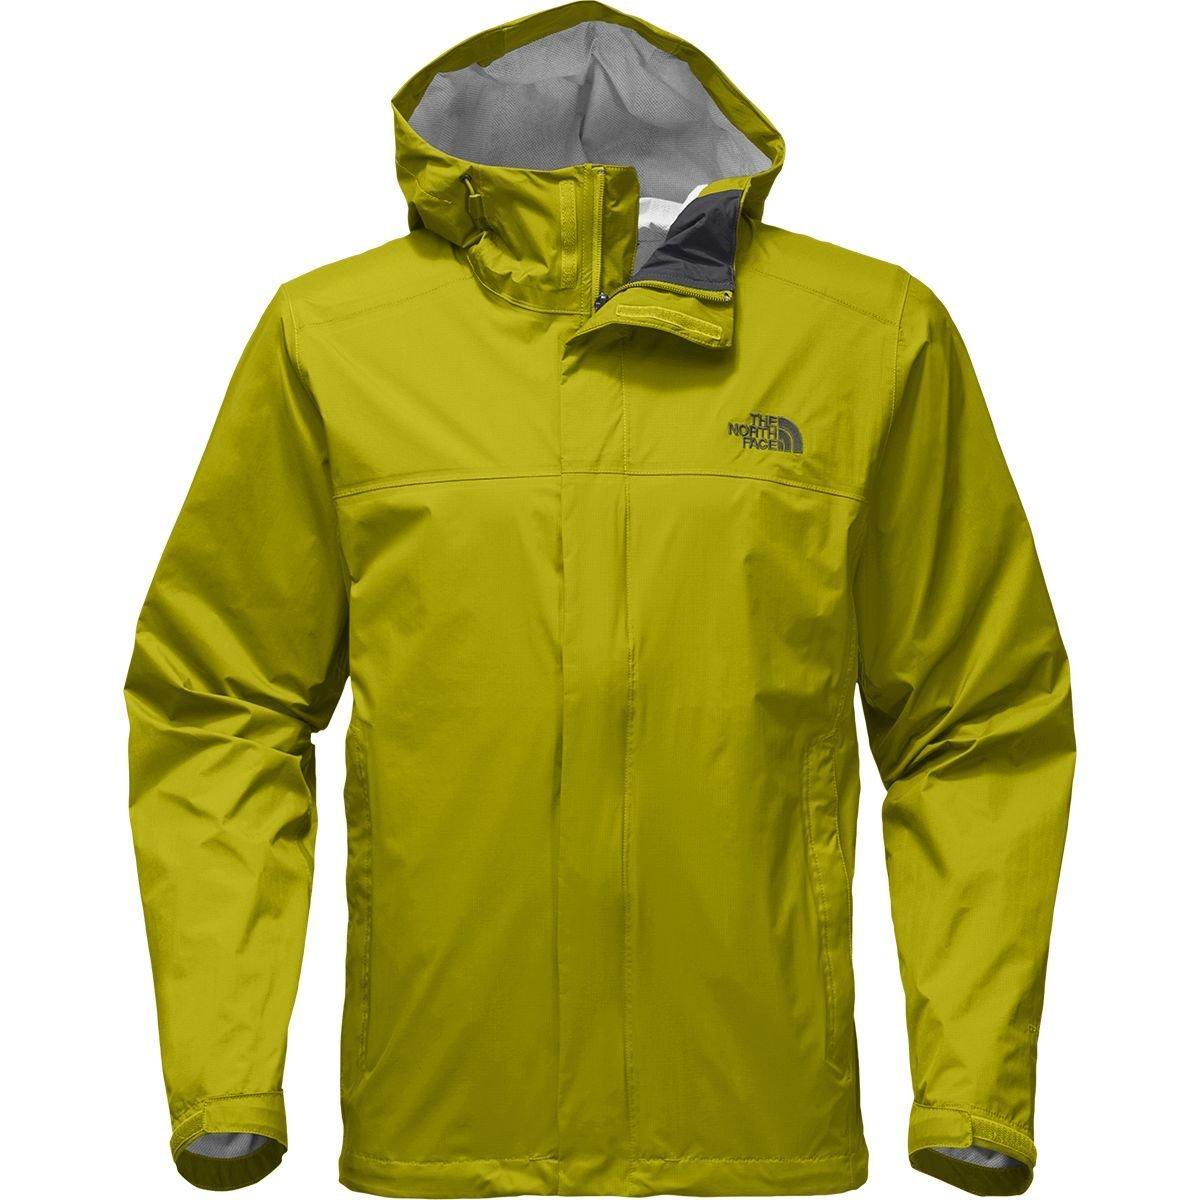 The North Face M Venture 2 Jacket Chaqueta, Hombre: Amazon.es: Deportes y aire libre